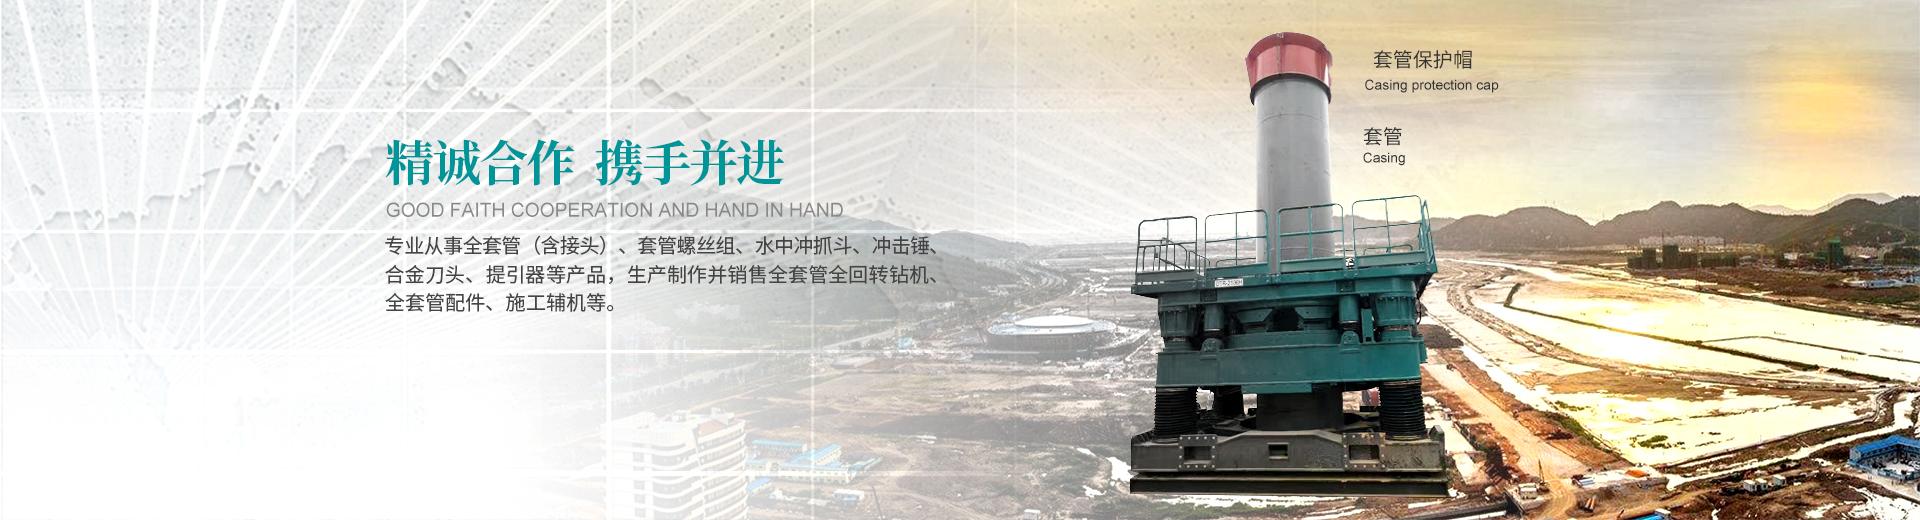 烟台黄海木工机械有限banner1